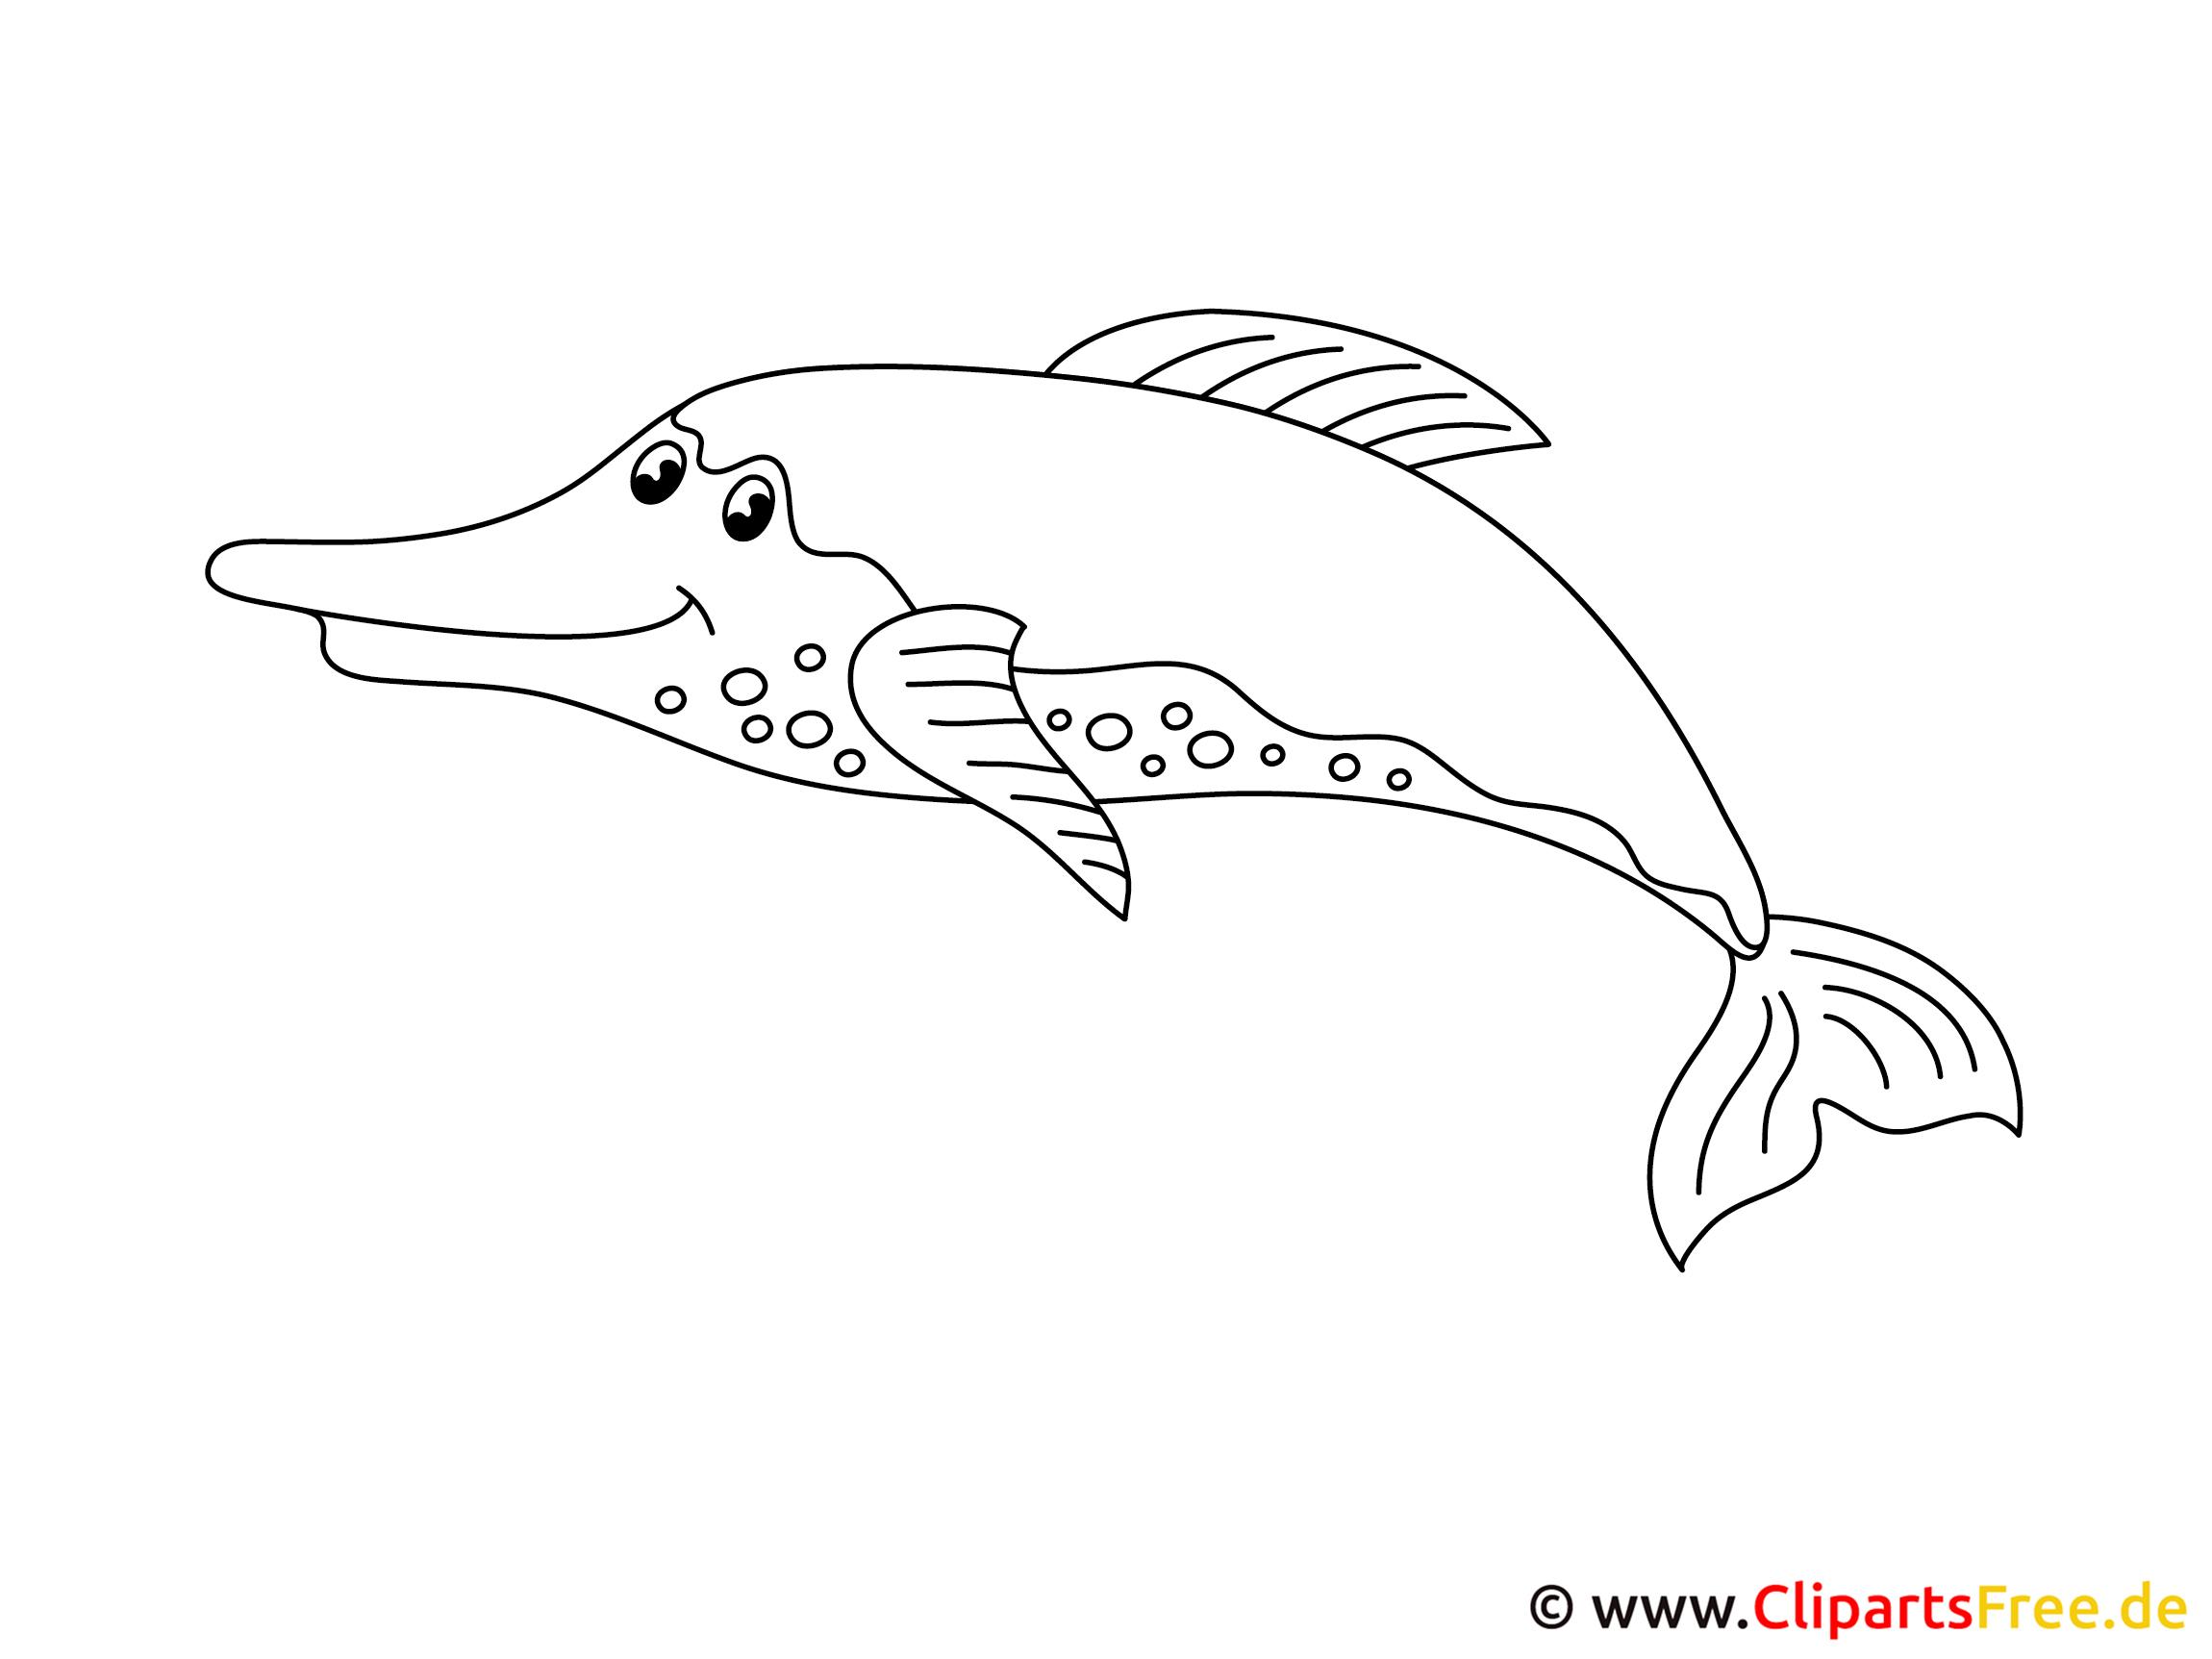 Delfin Bilder zum Ausmalen zum Thema Meerstiere